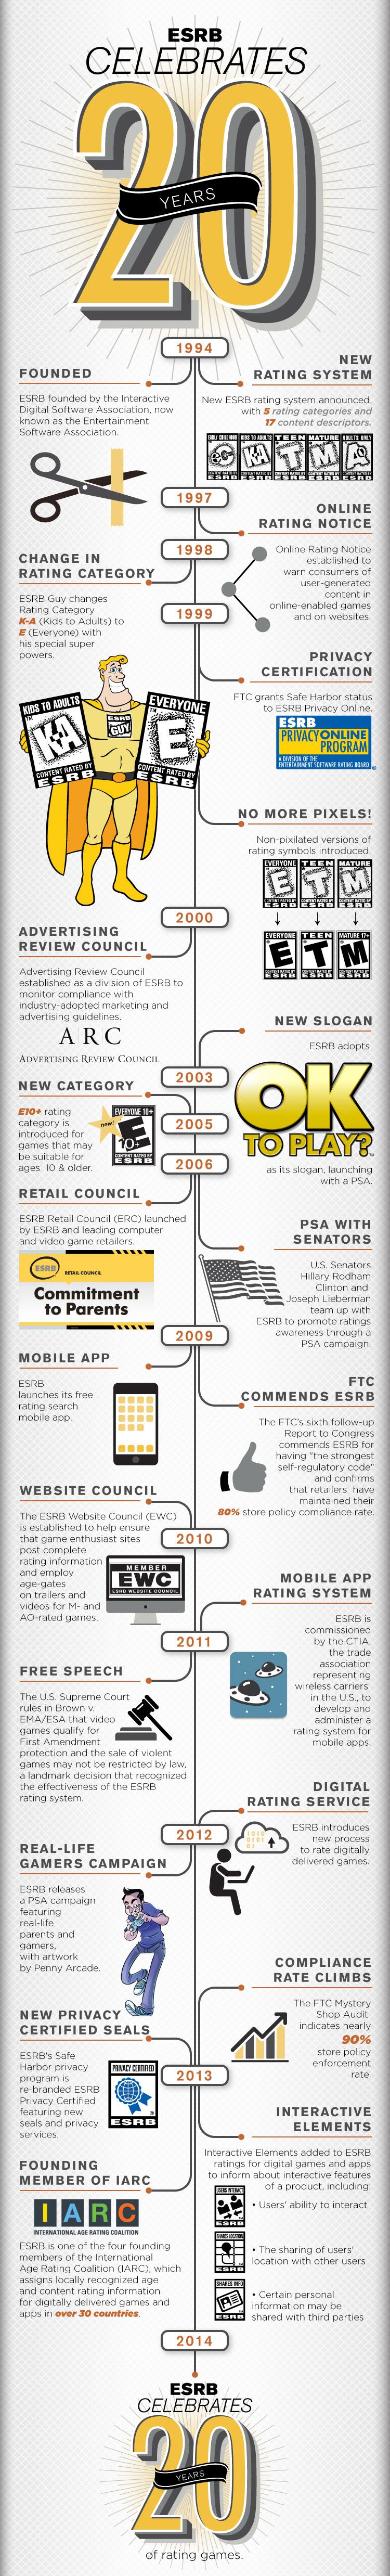 ESRB-Infographic